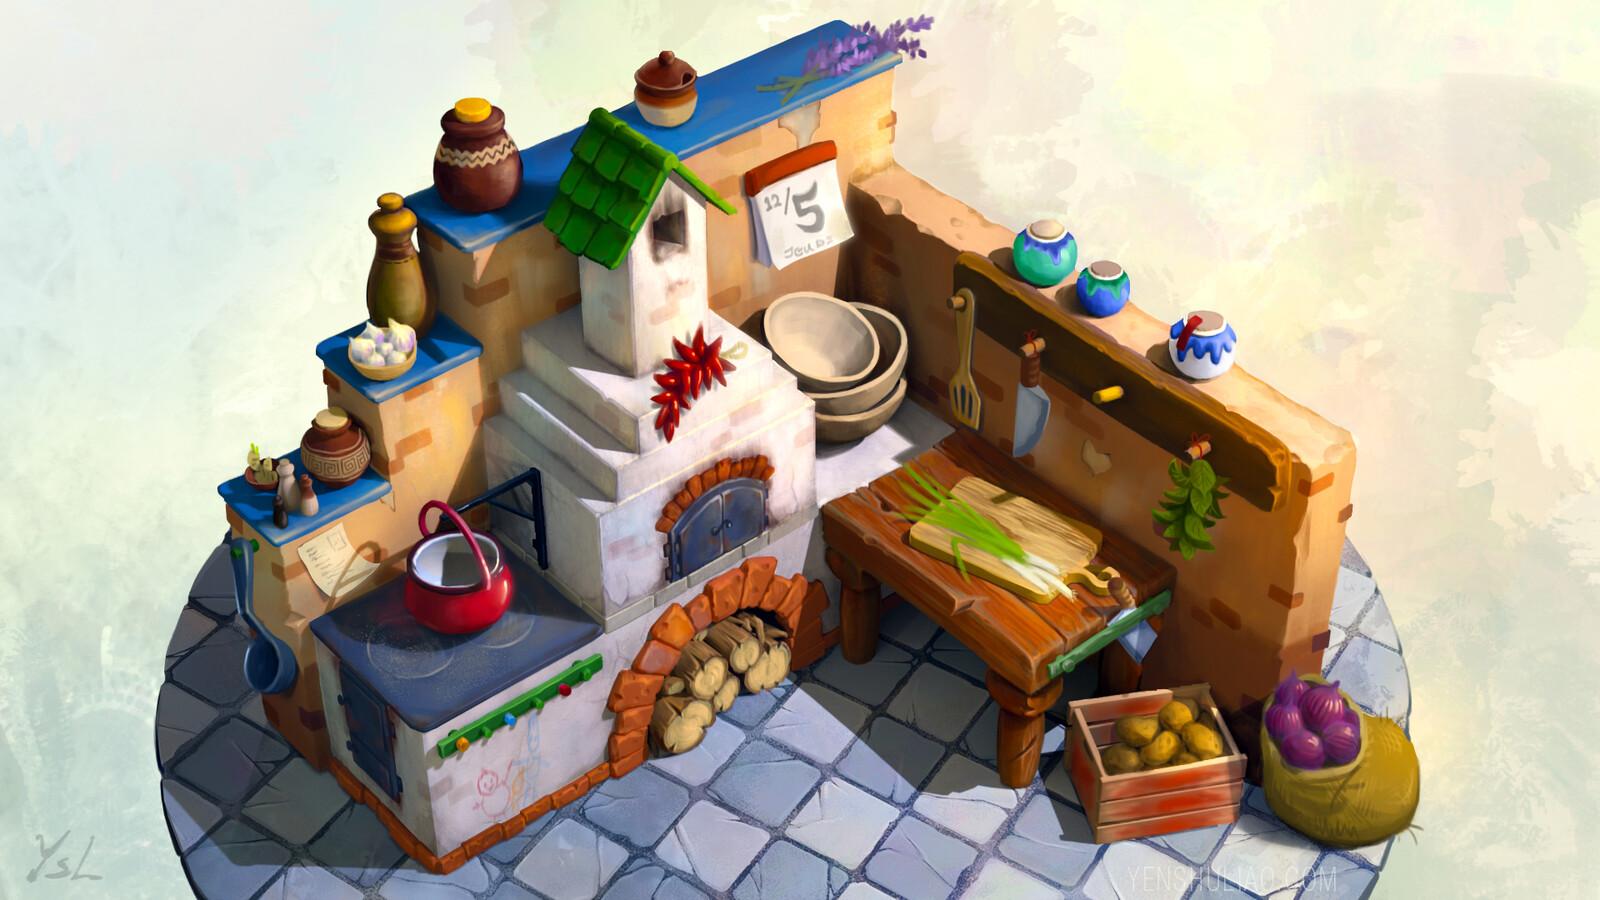 Mr. Onion's Kitchen